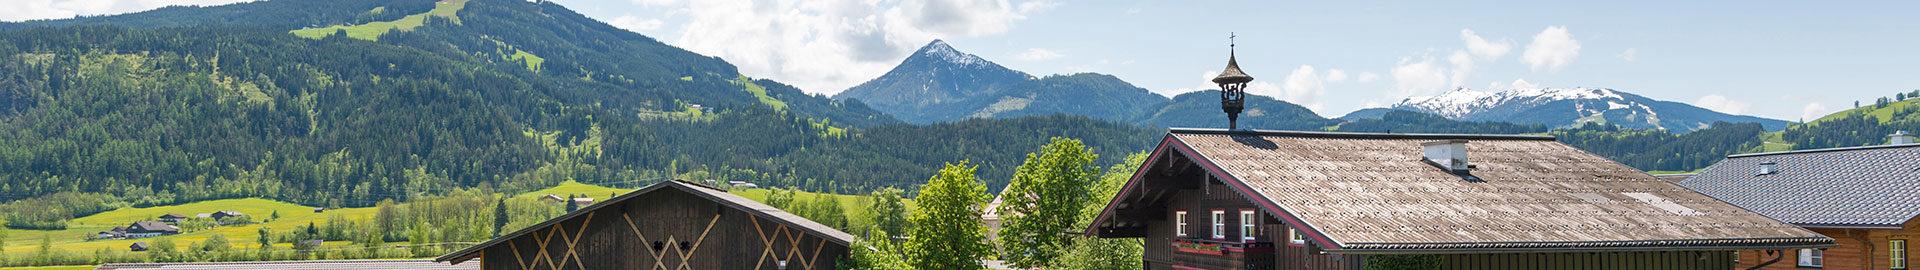 Urlaub am Bauernhof in Radstadt, Salzburger Land